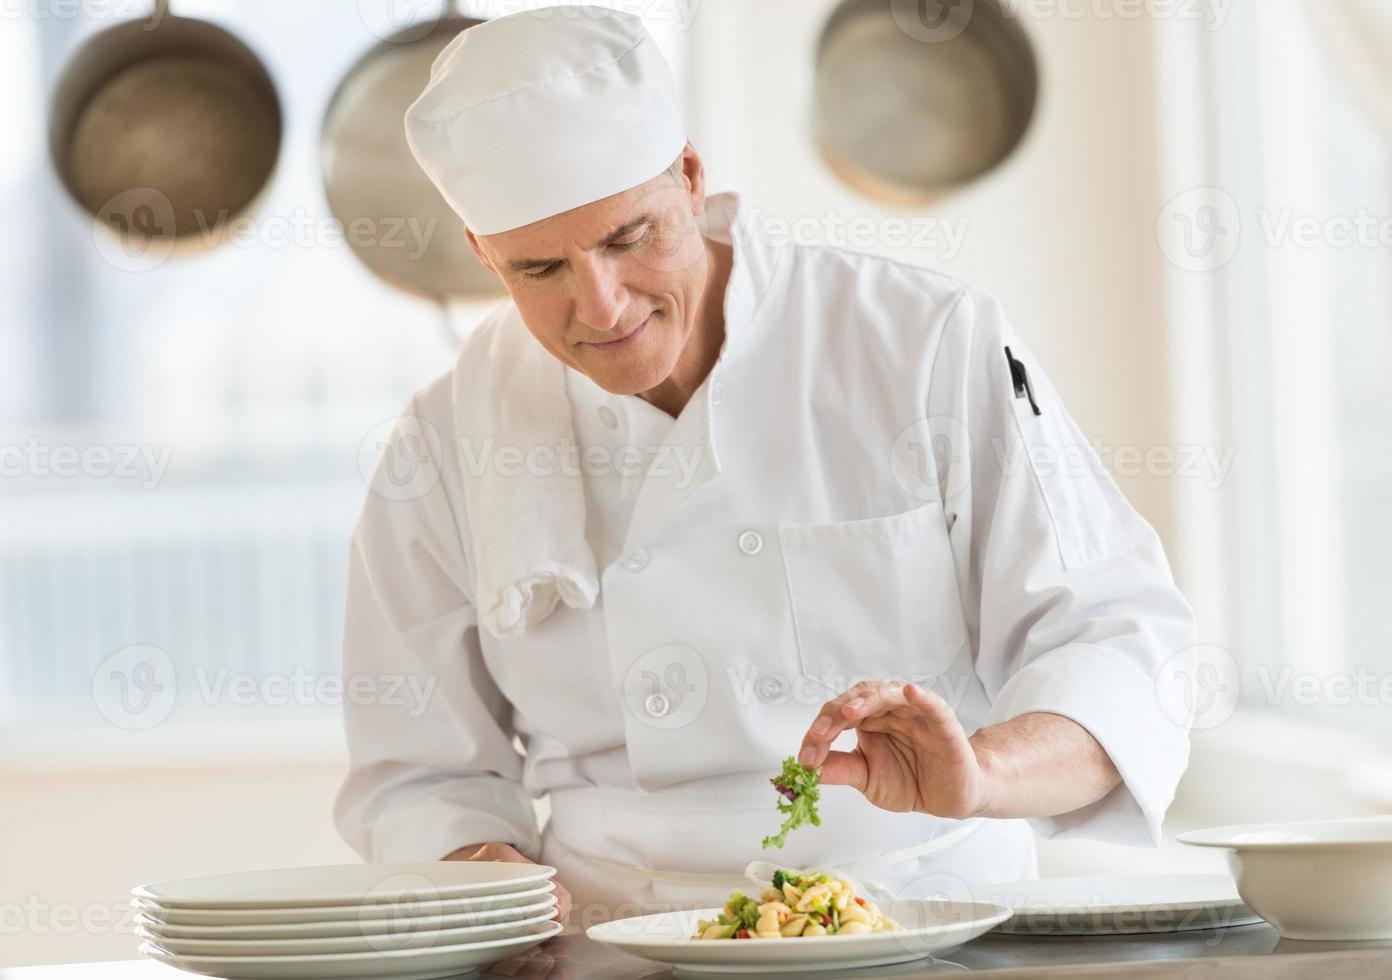 Chef decorando plato en cocina comercial foto